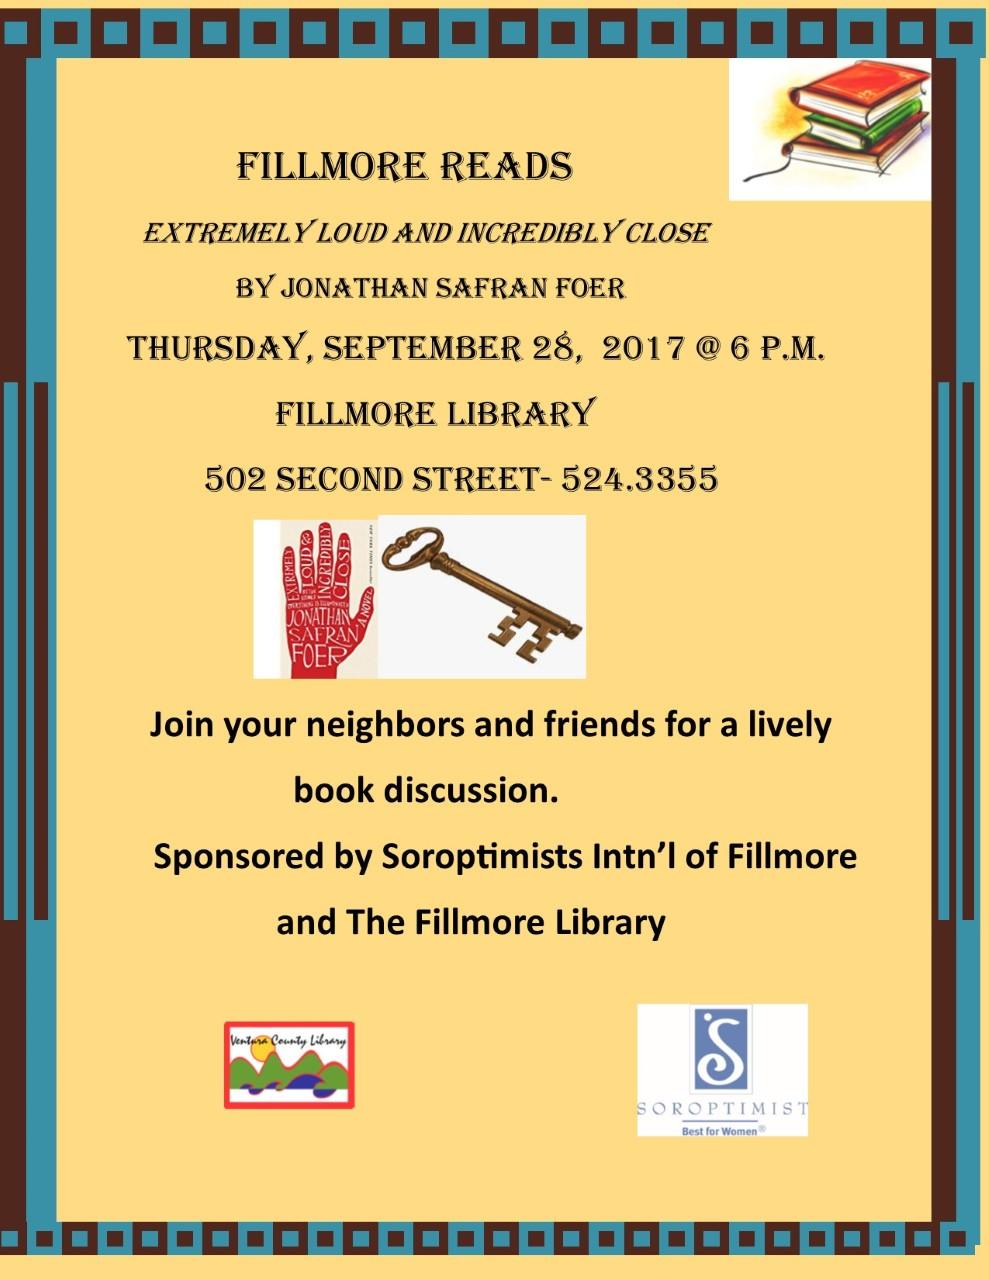 Thurs Sept 28, 2017 Fillmore Reads.jpg